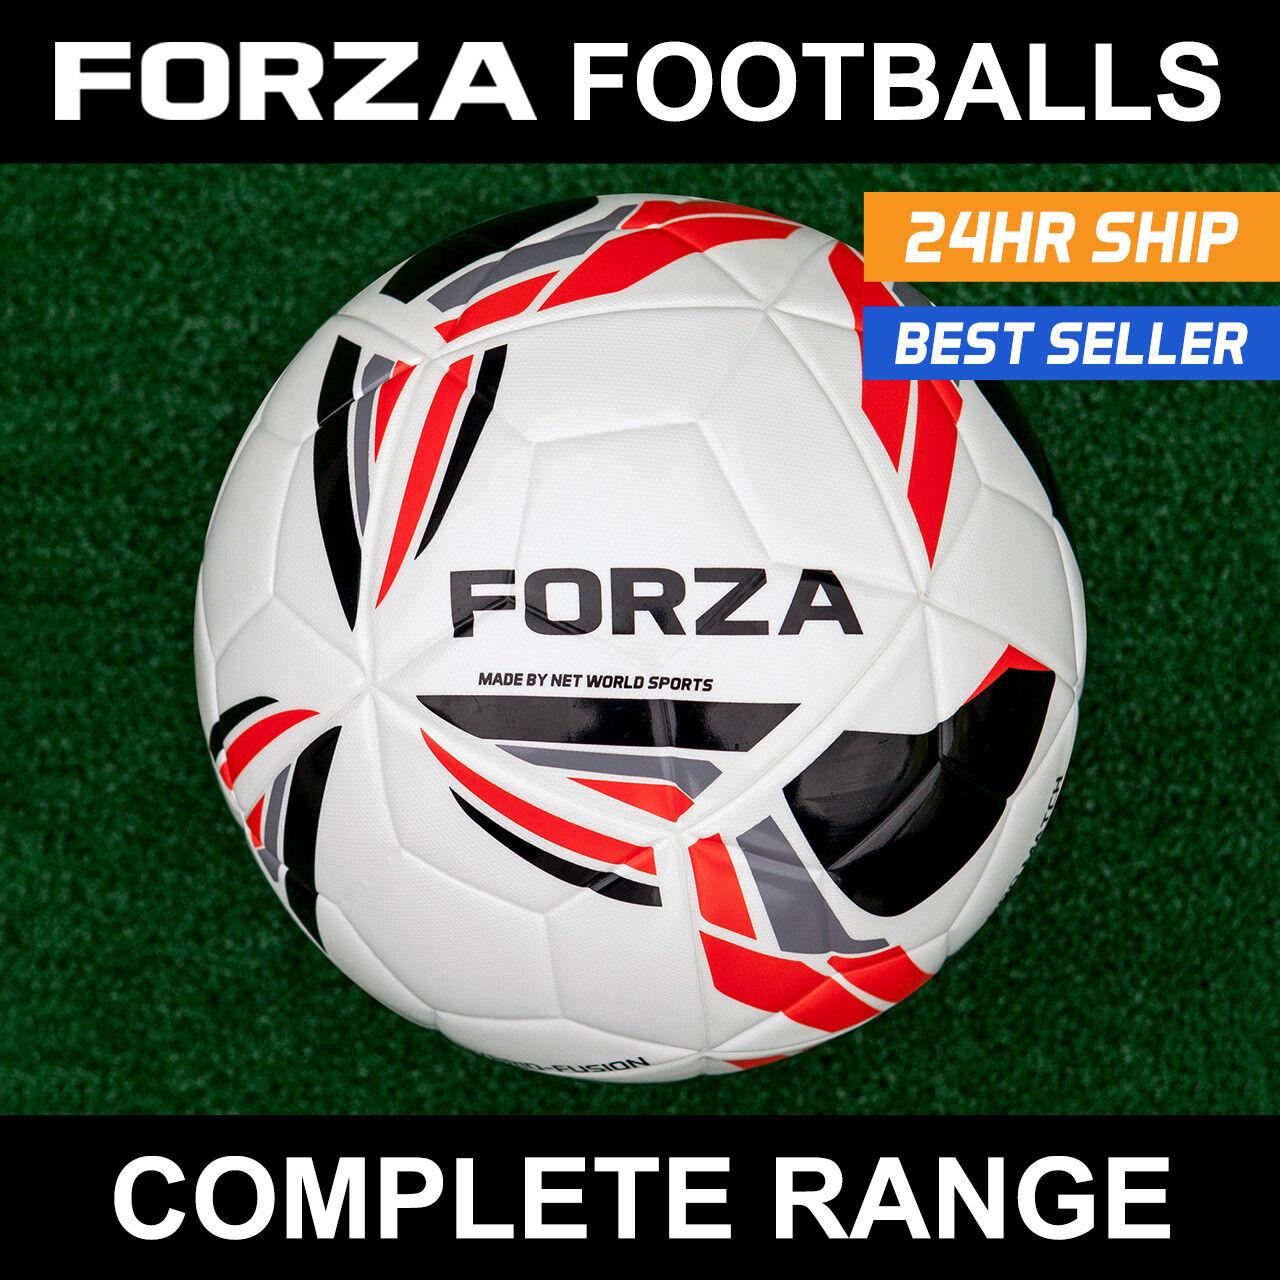 FORZA Footballs - FIFA Spec Match Training Futsal Garden Football - Soccer Ball